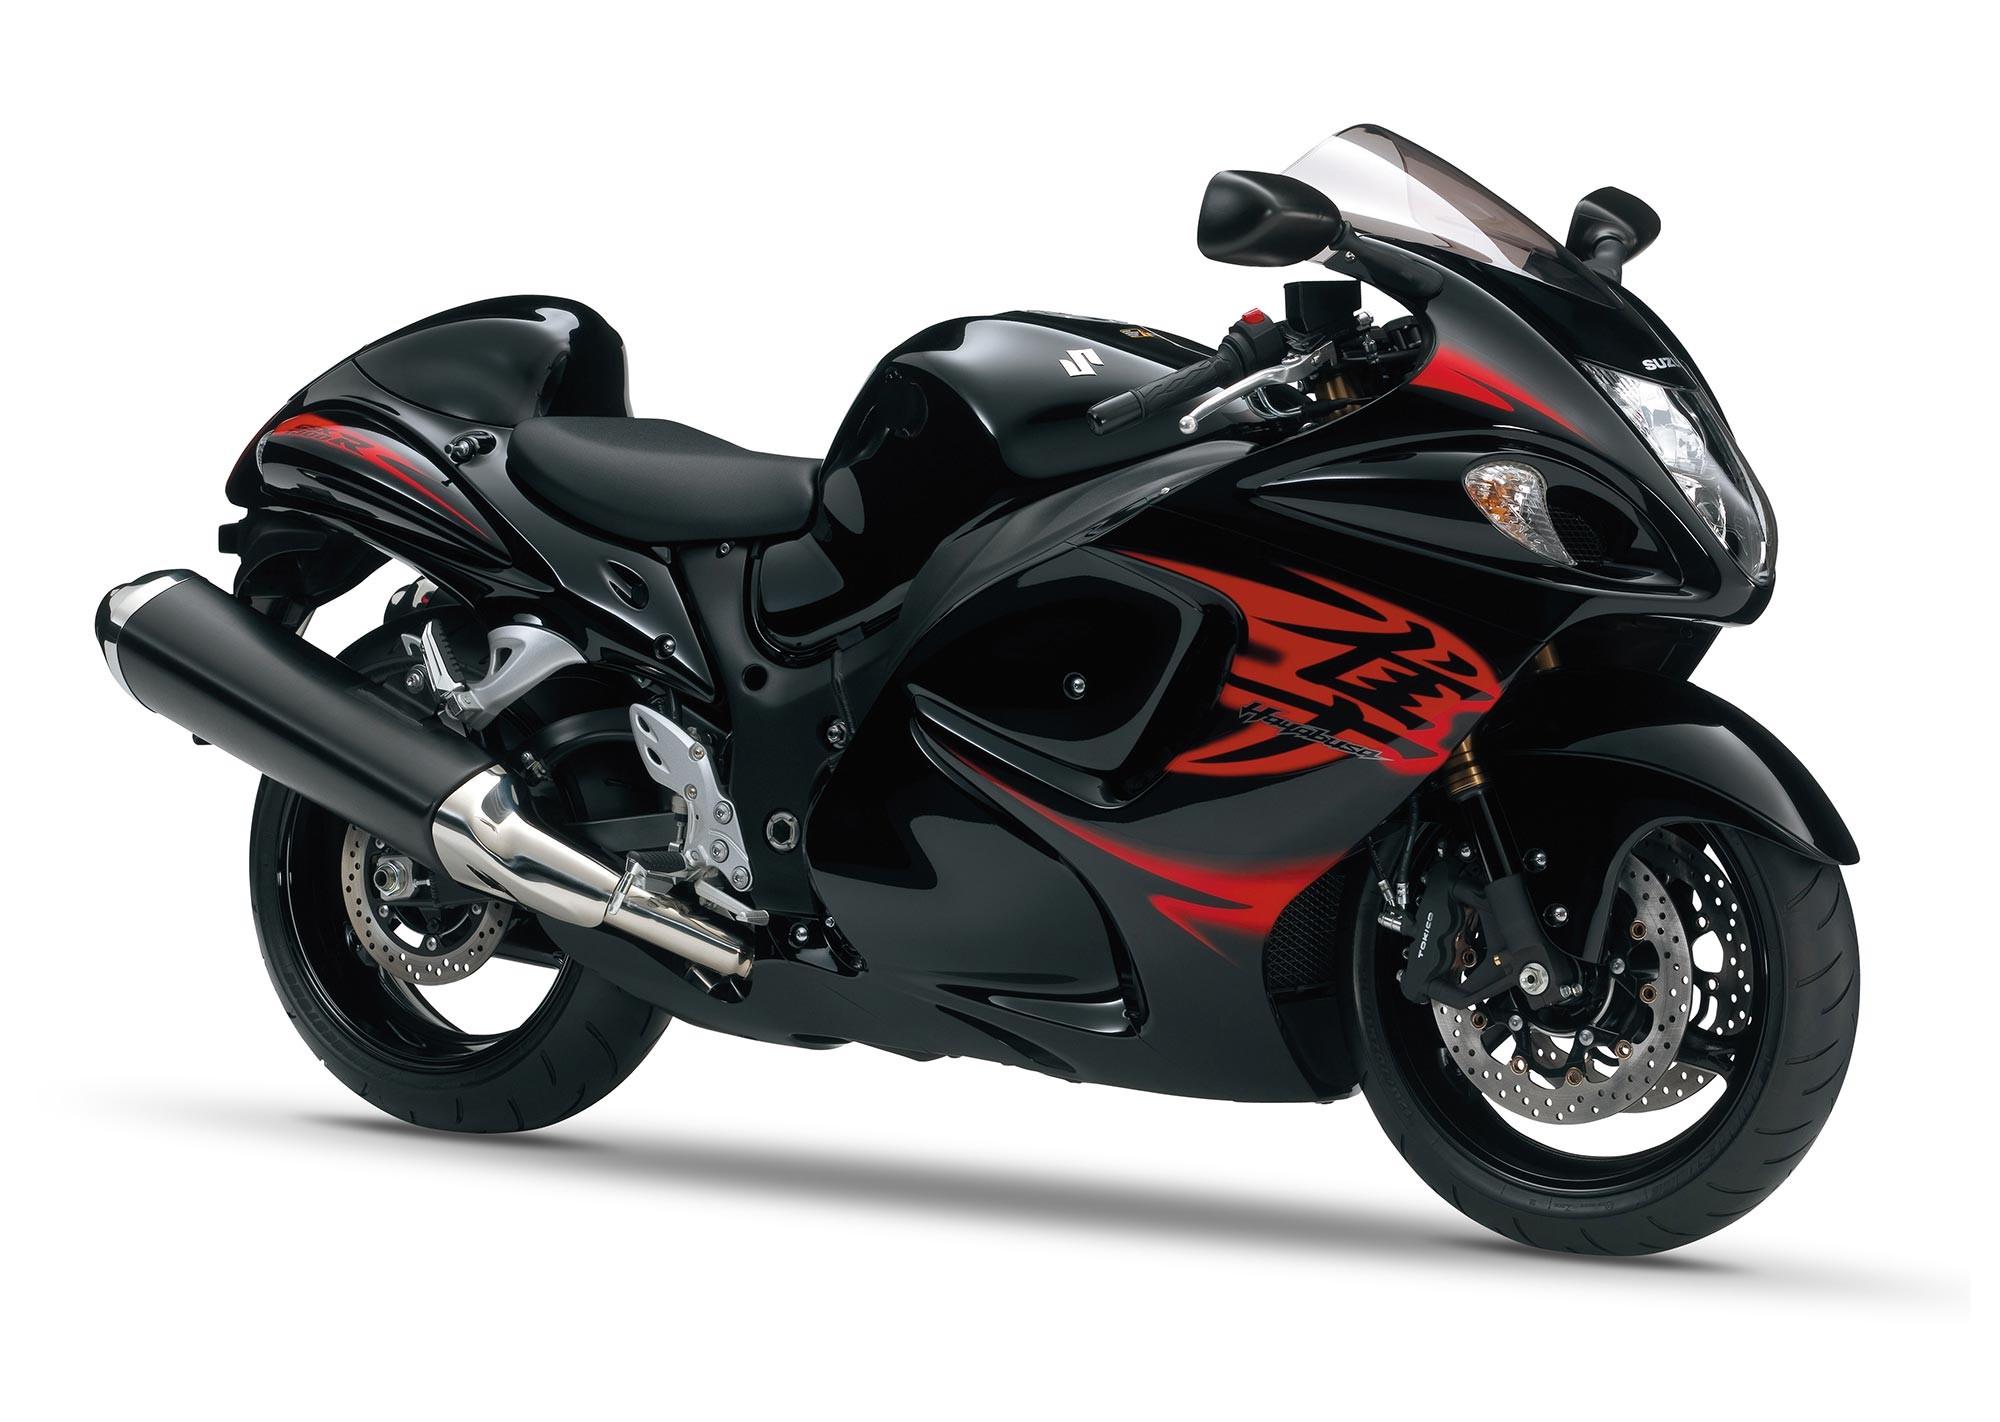 самые лучшие Китайские Мотоциклы по рангу #1